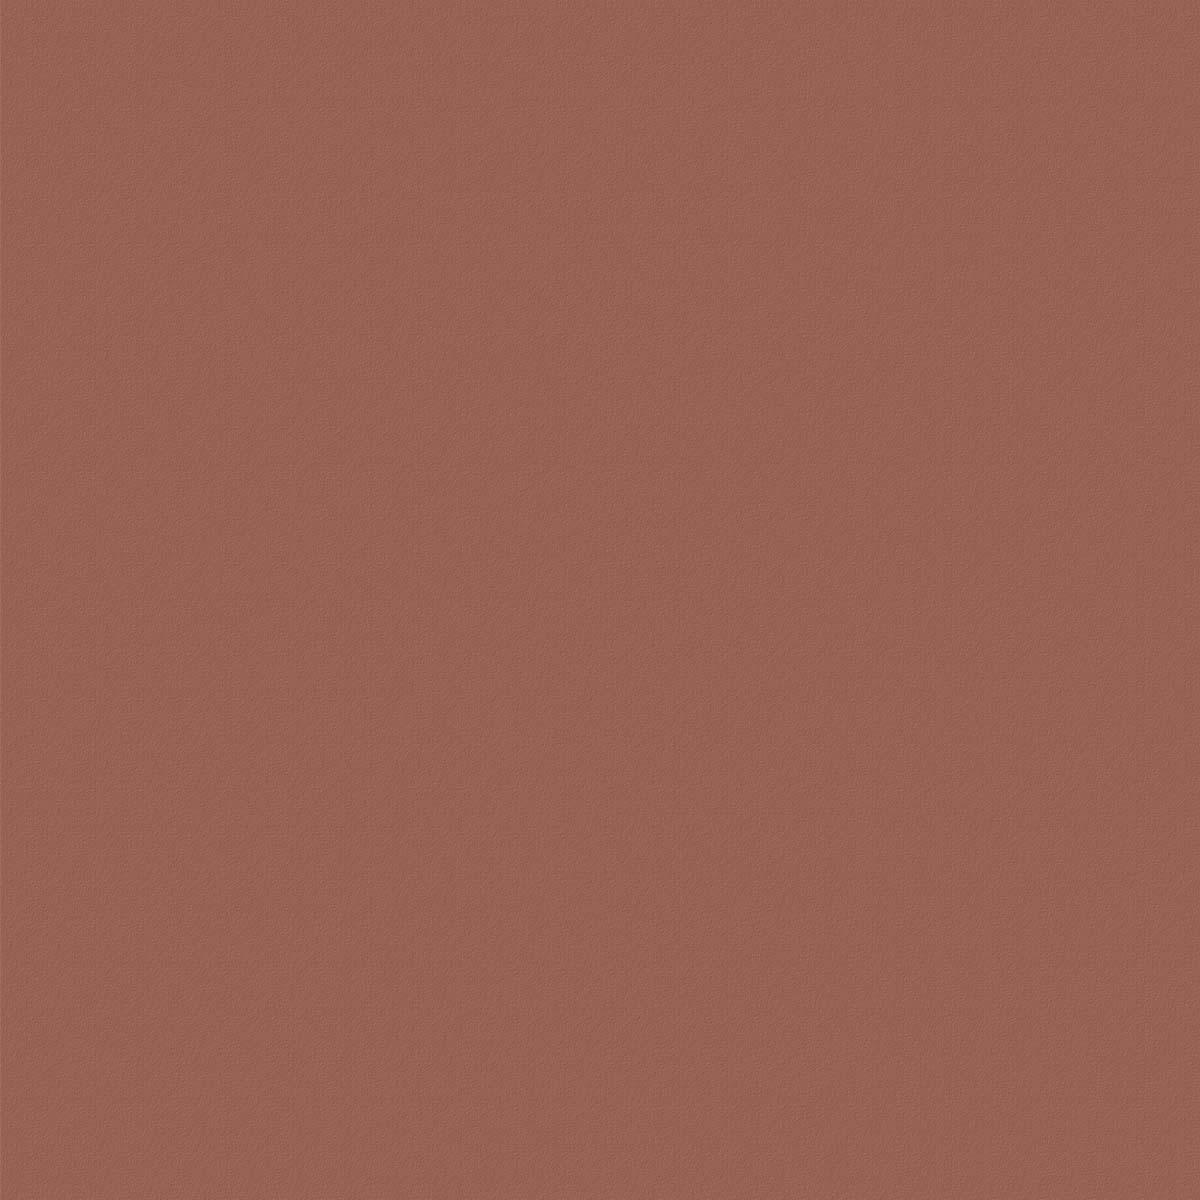 HF1942 VL Terracotta Red